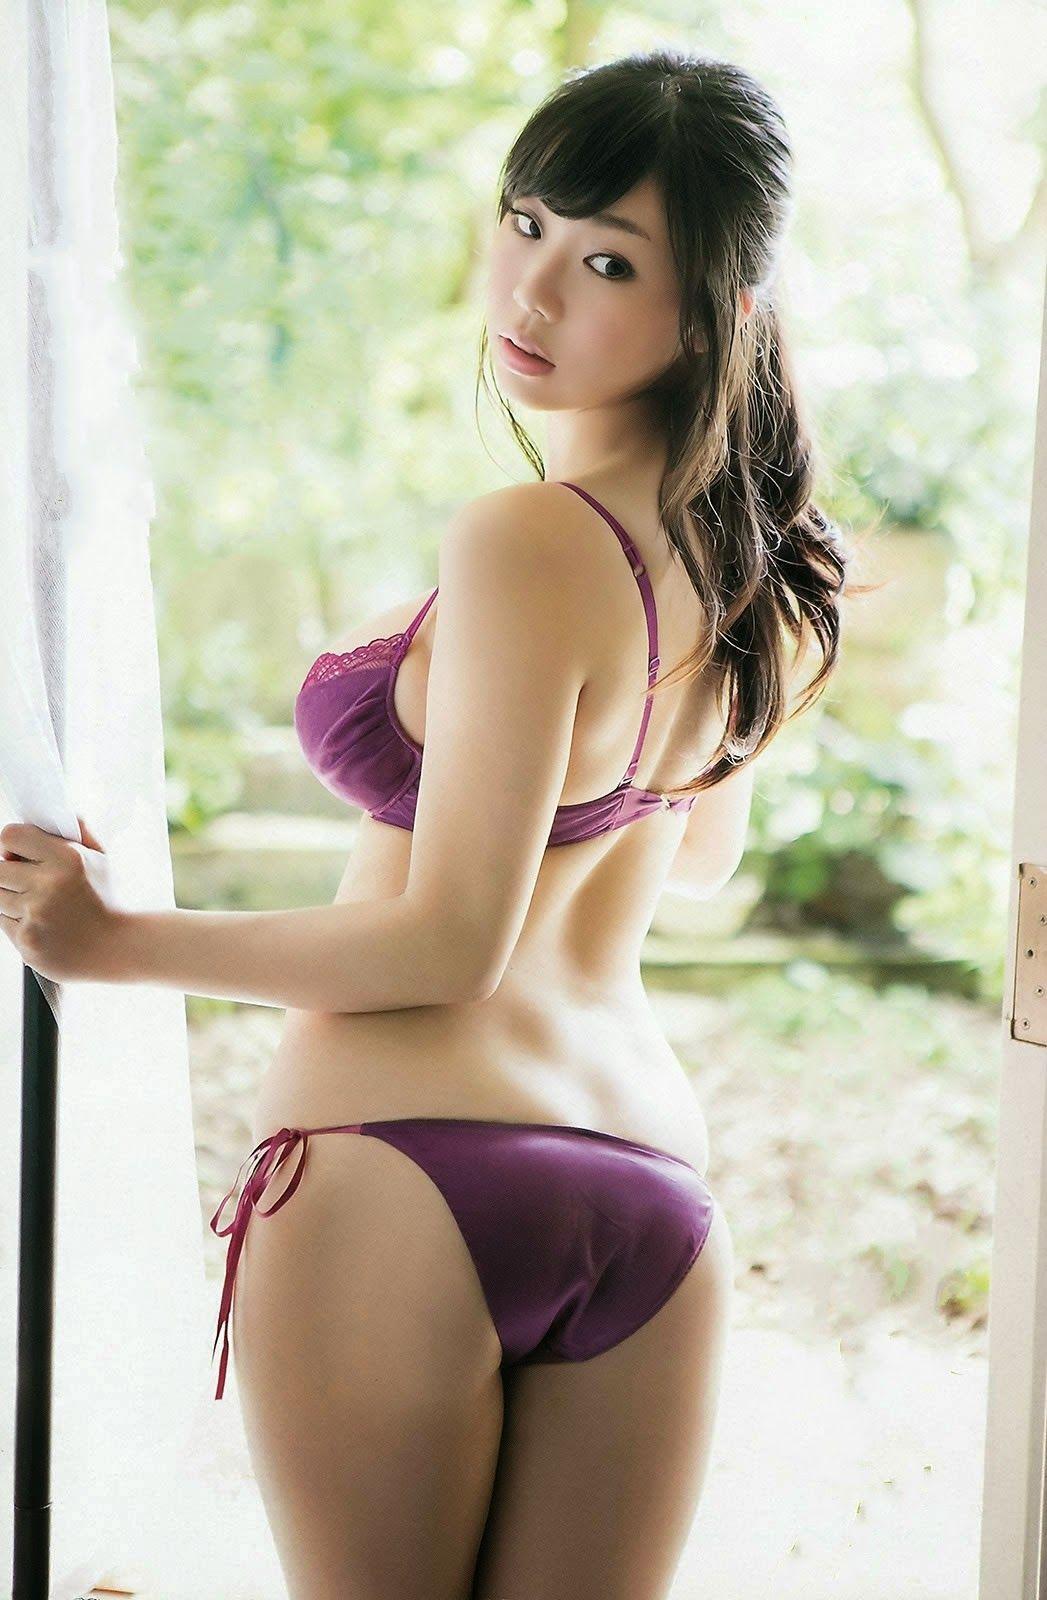 三次元 3次元 エロ画像 美尻 着衣 べっぴん娘通信 09